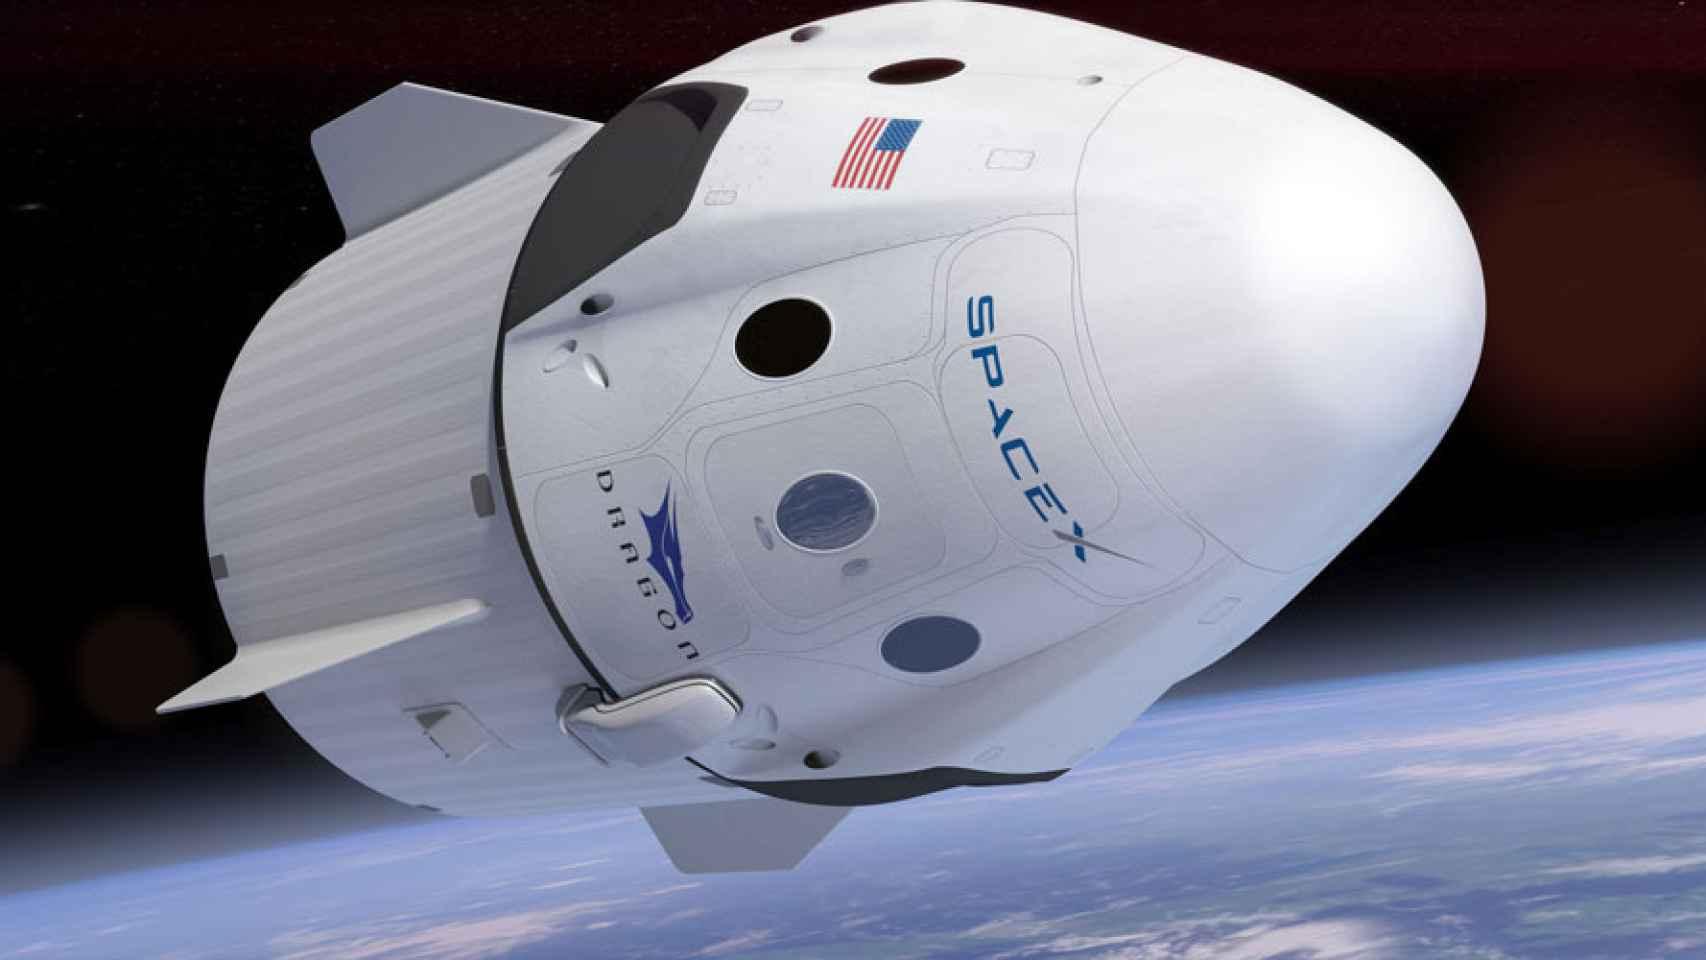 spacex dragon nave espacial capsula astronautas nasa